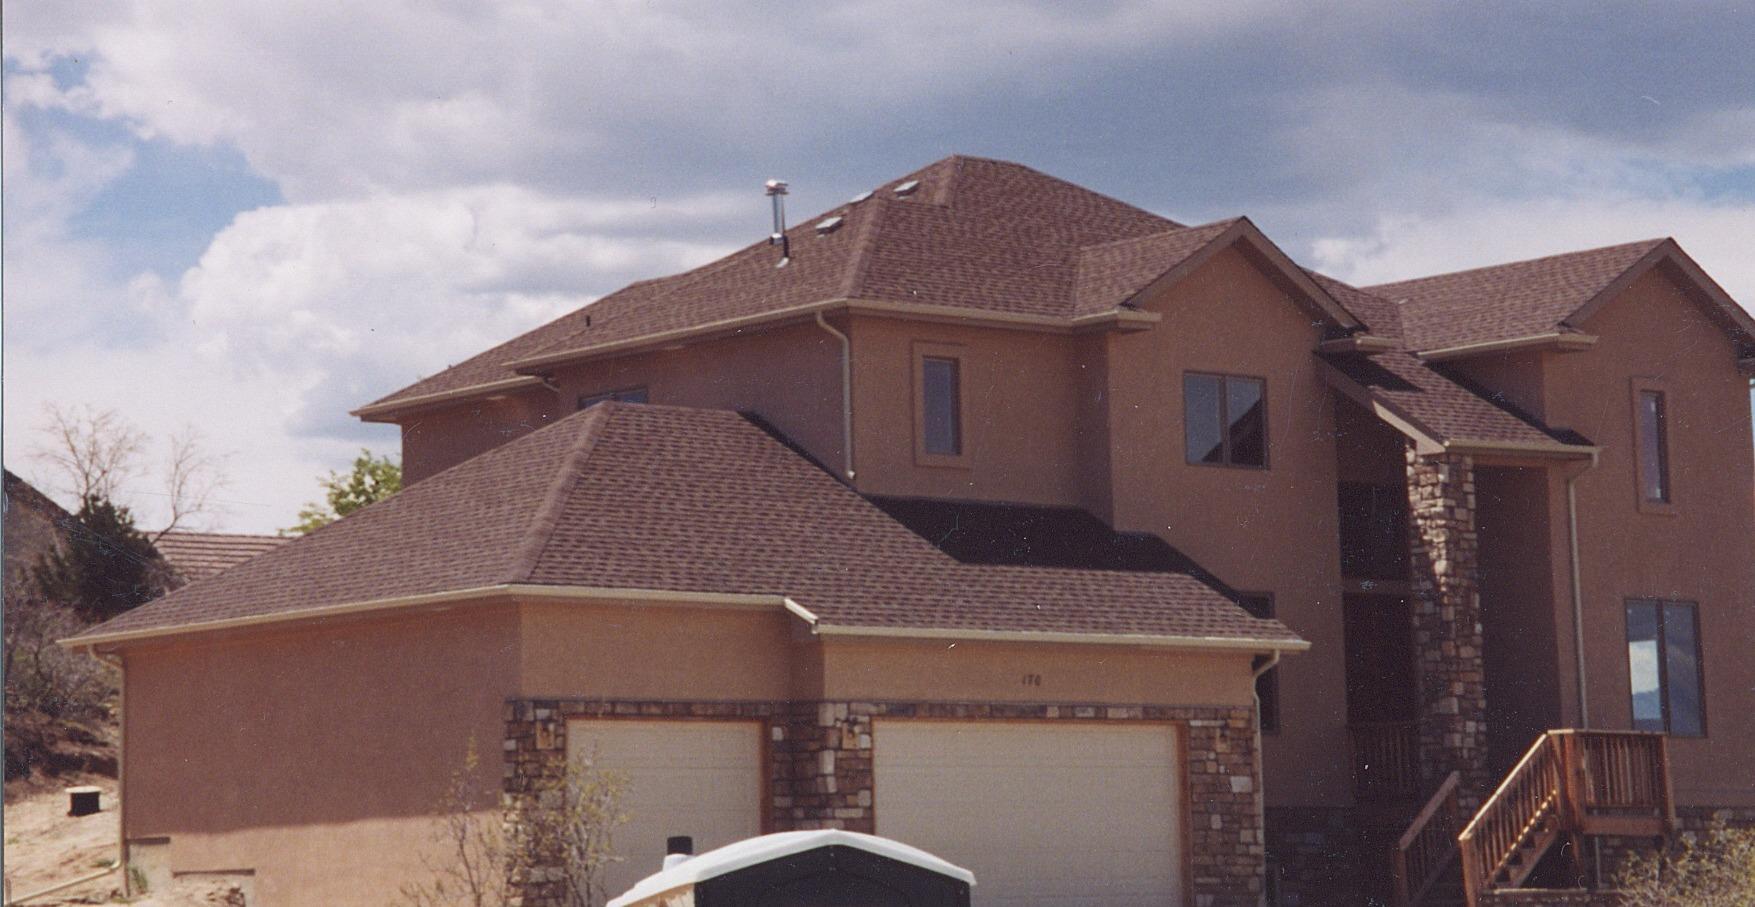 Apollo Roofing & Repairs LLC image 13